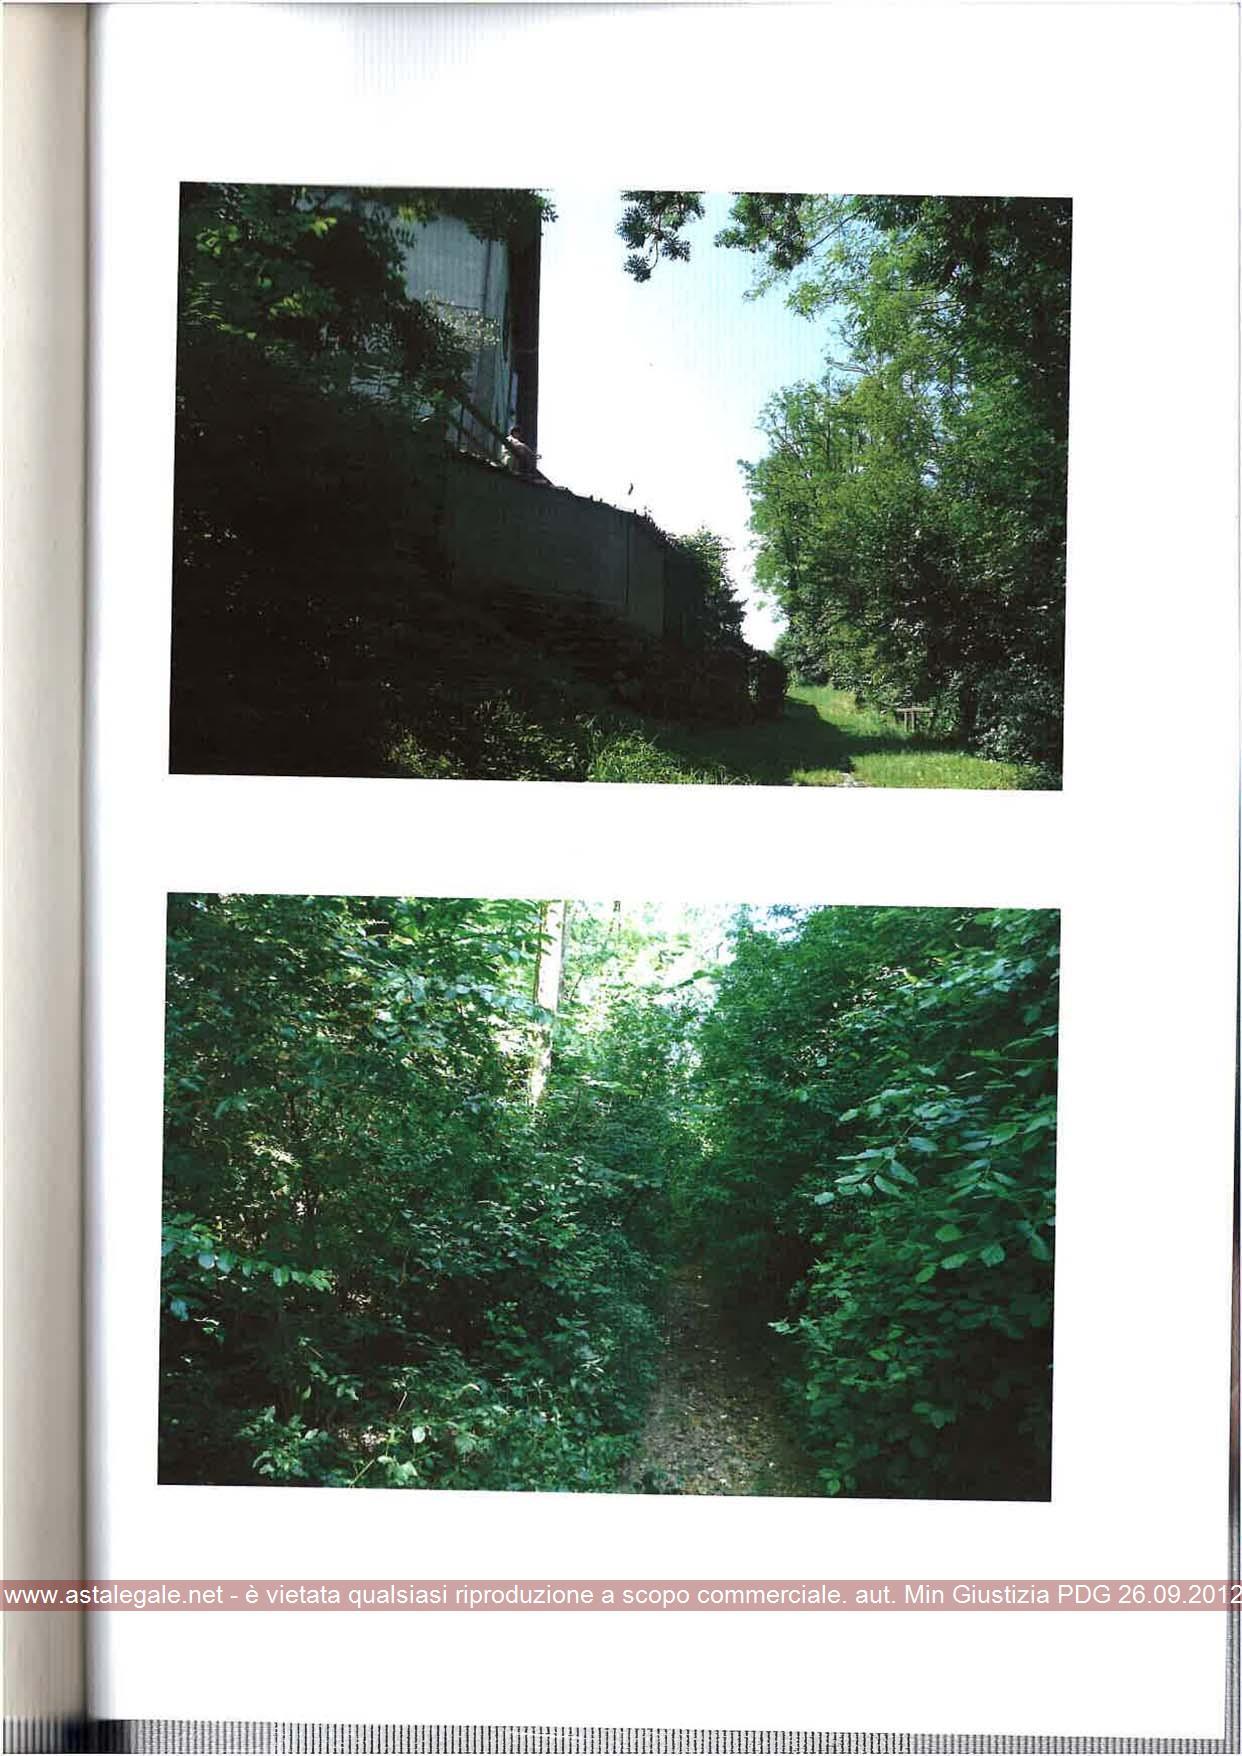 Carugo (CO) Accesso lungo strada di campagna che congiunge Via Filippo Turati con la Strada Provinciale 40 snc